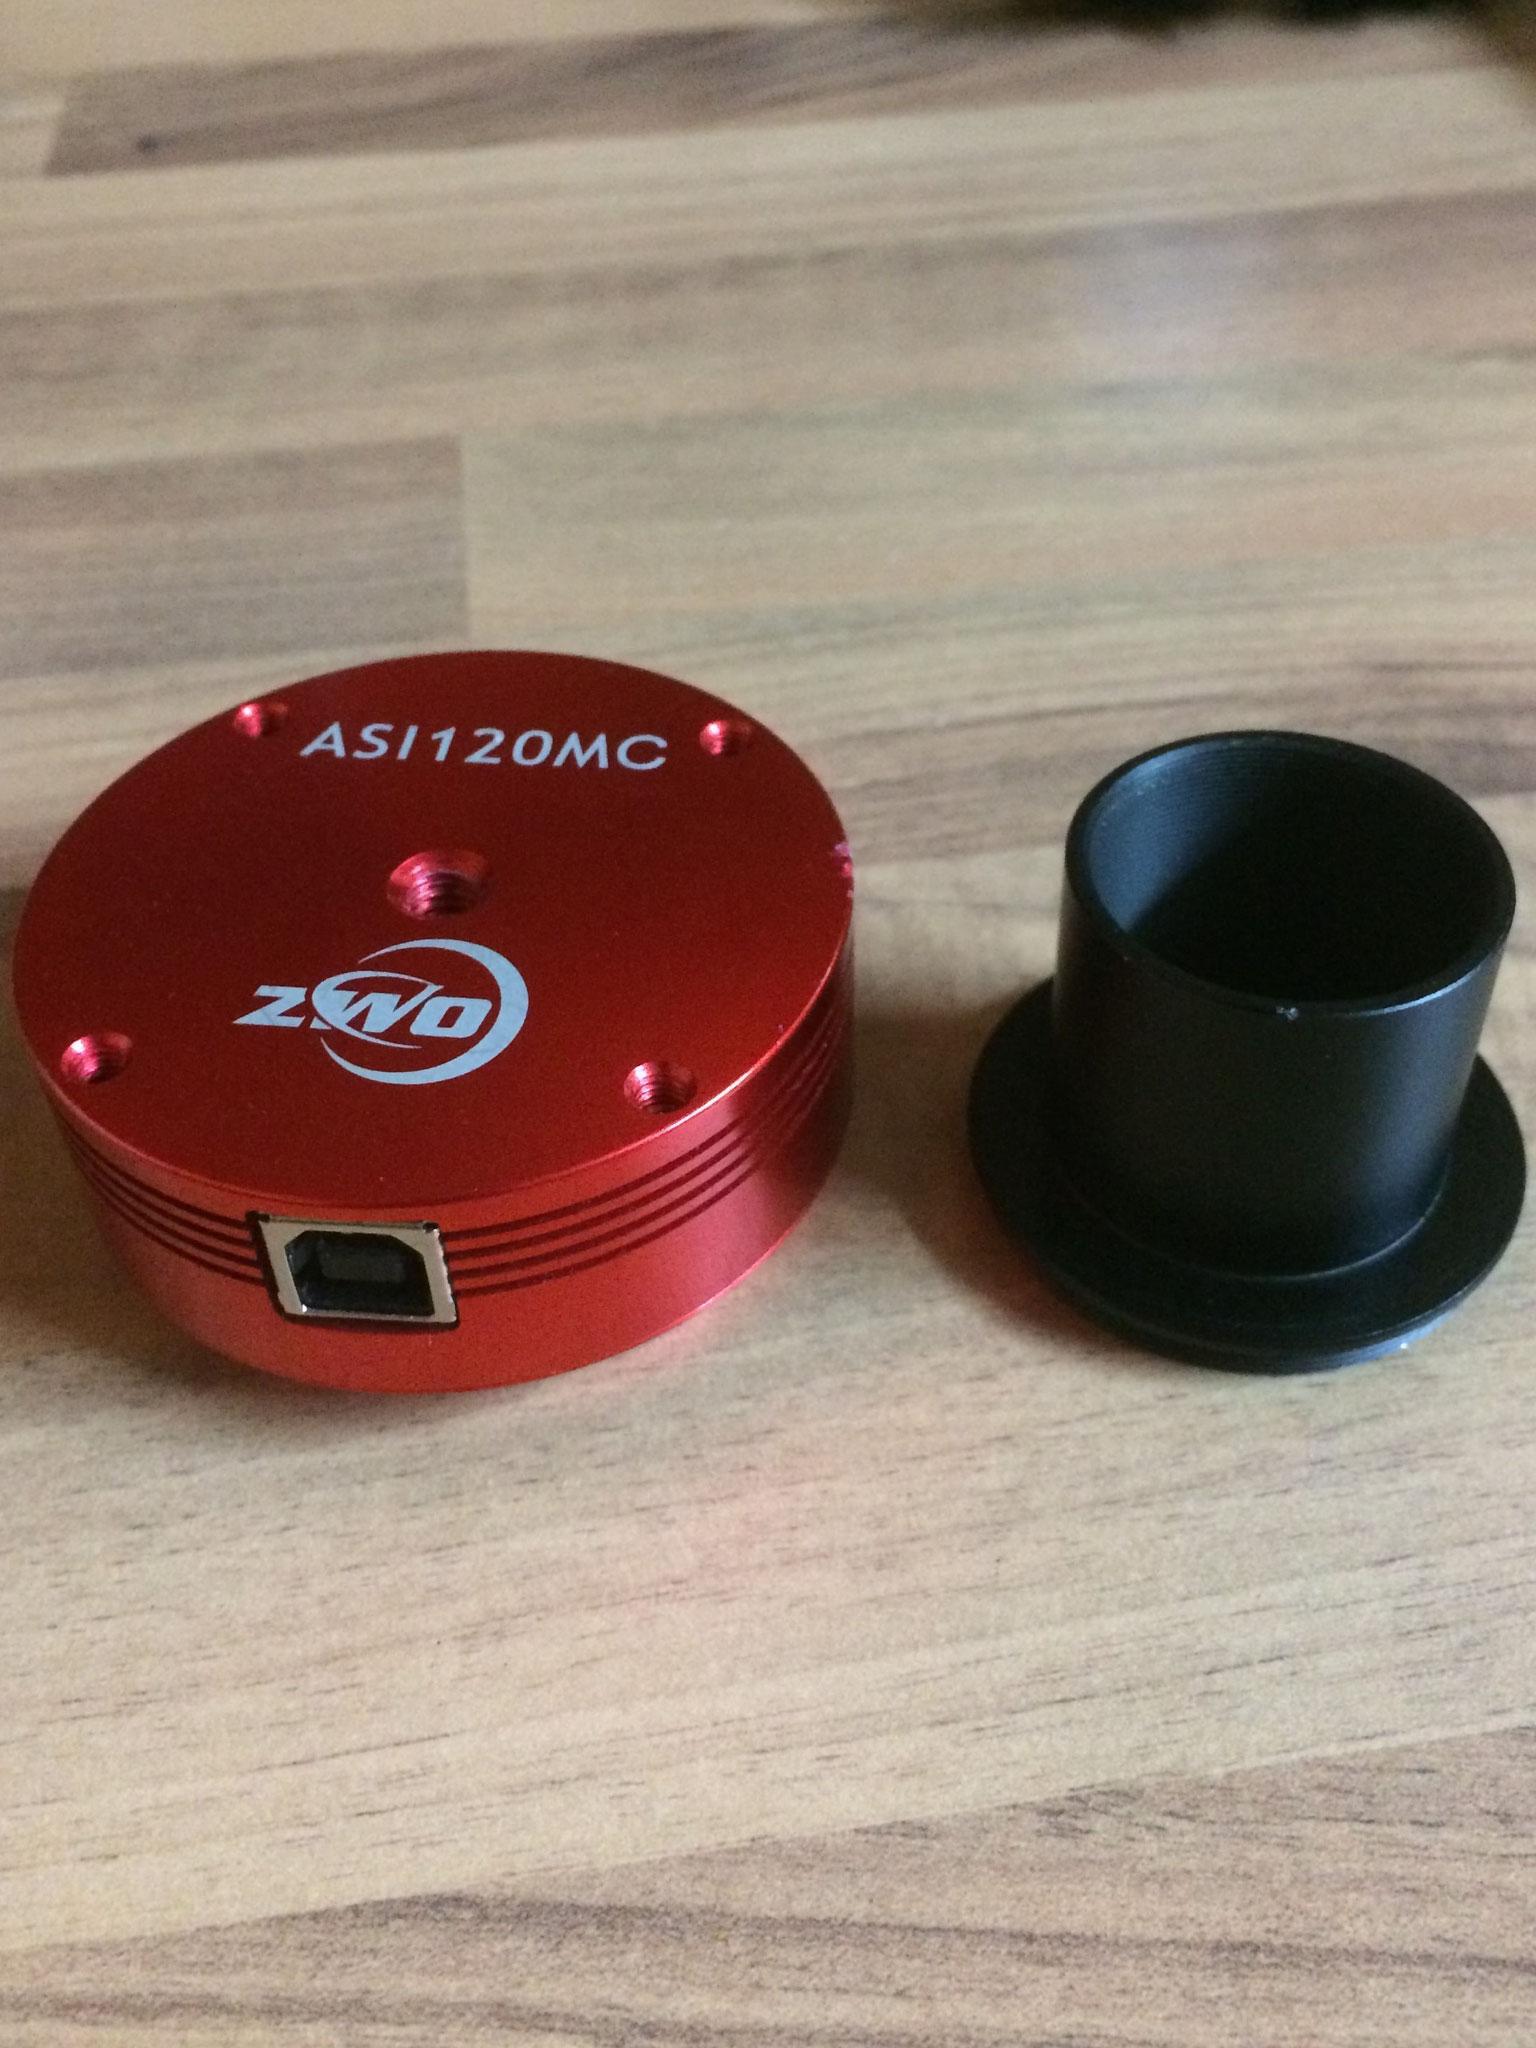 ASI 120MC Farbkamera mit CMOS Chip zur Fotografie von intersolaren Objekten (Ansteuerung nur via PC möglich)